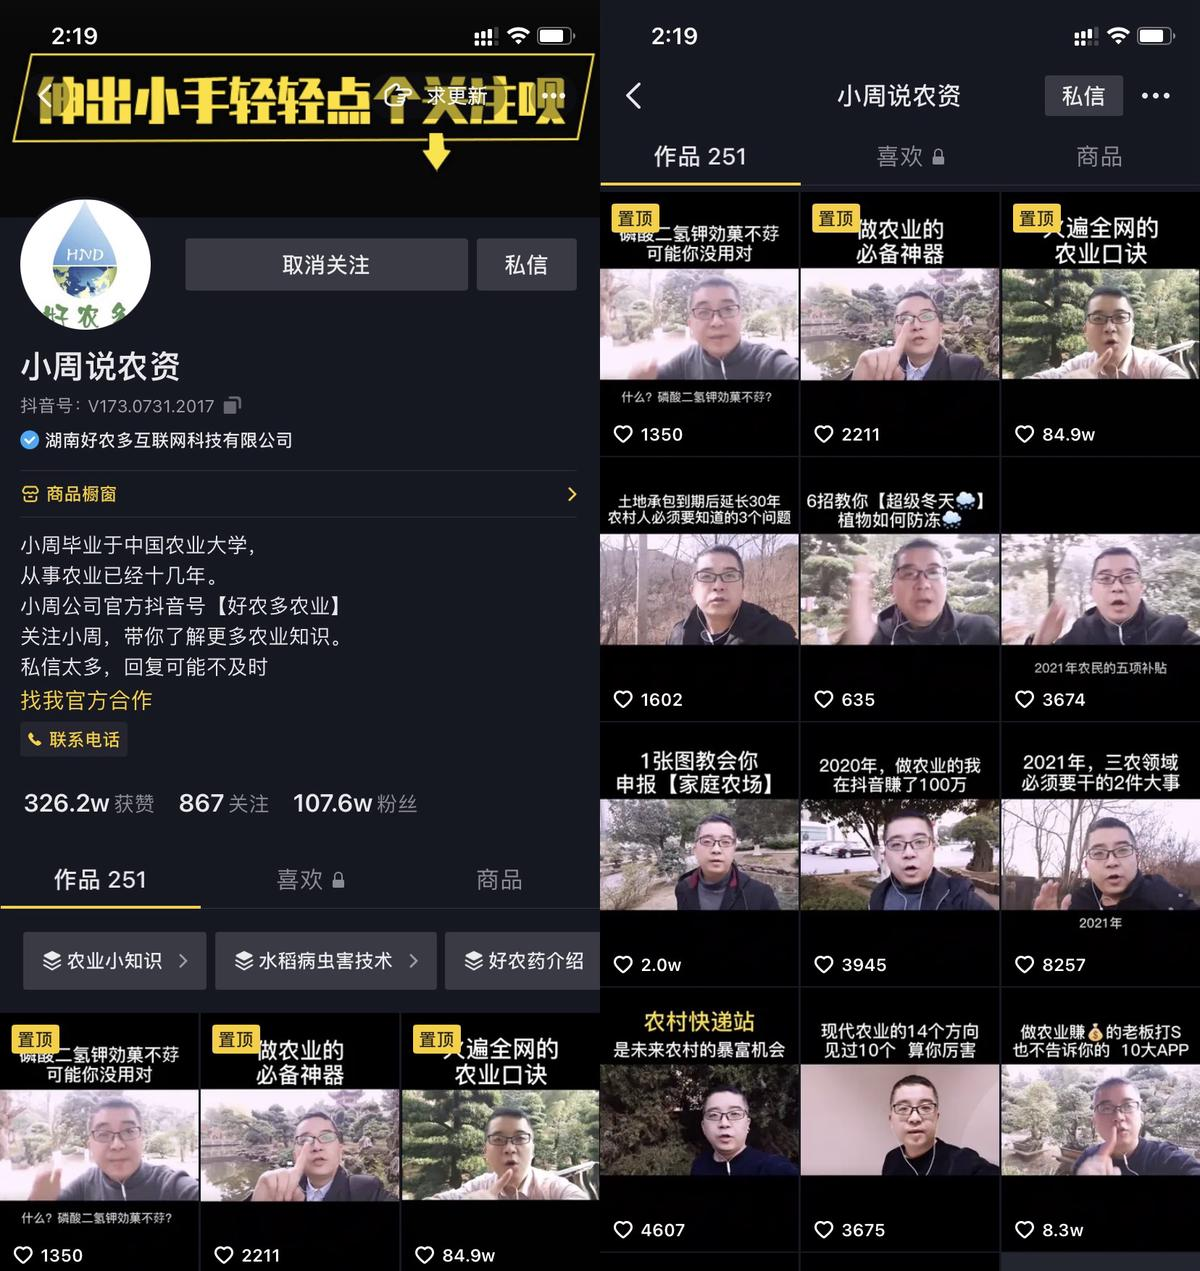 抖音号小周说农资:(周昌南)985大学生,新农人转型知识达人